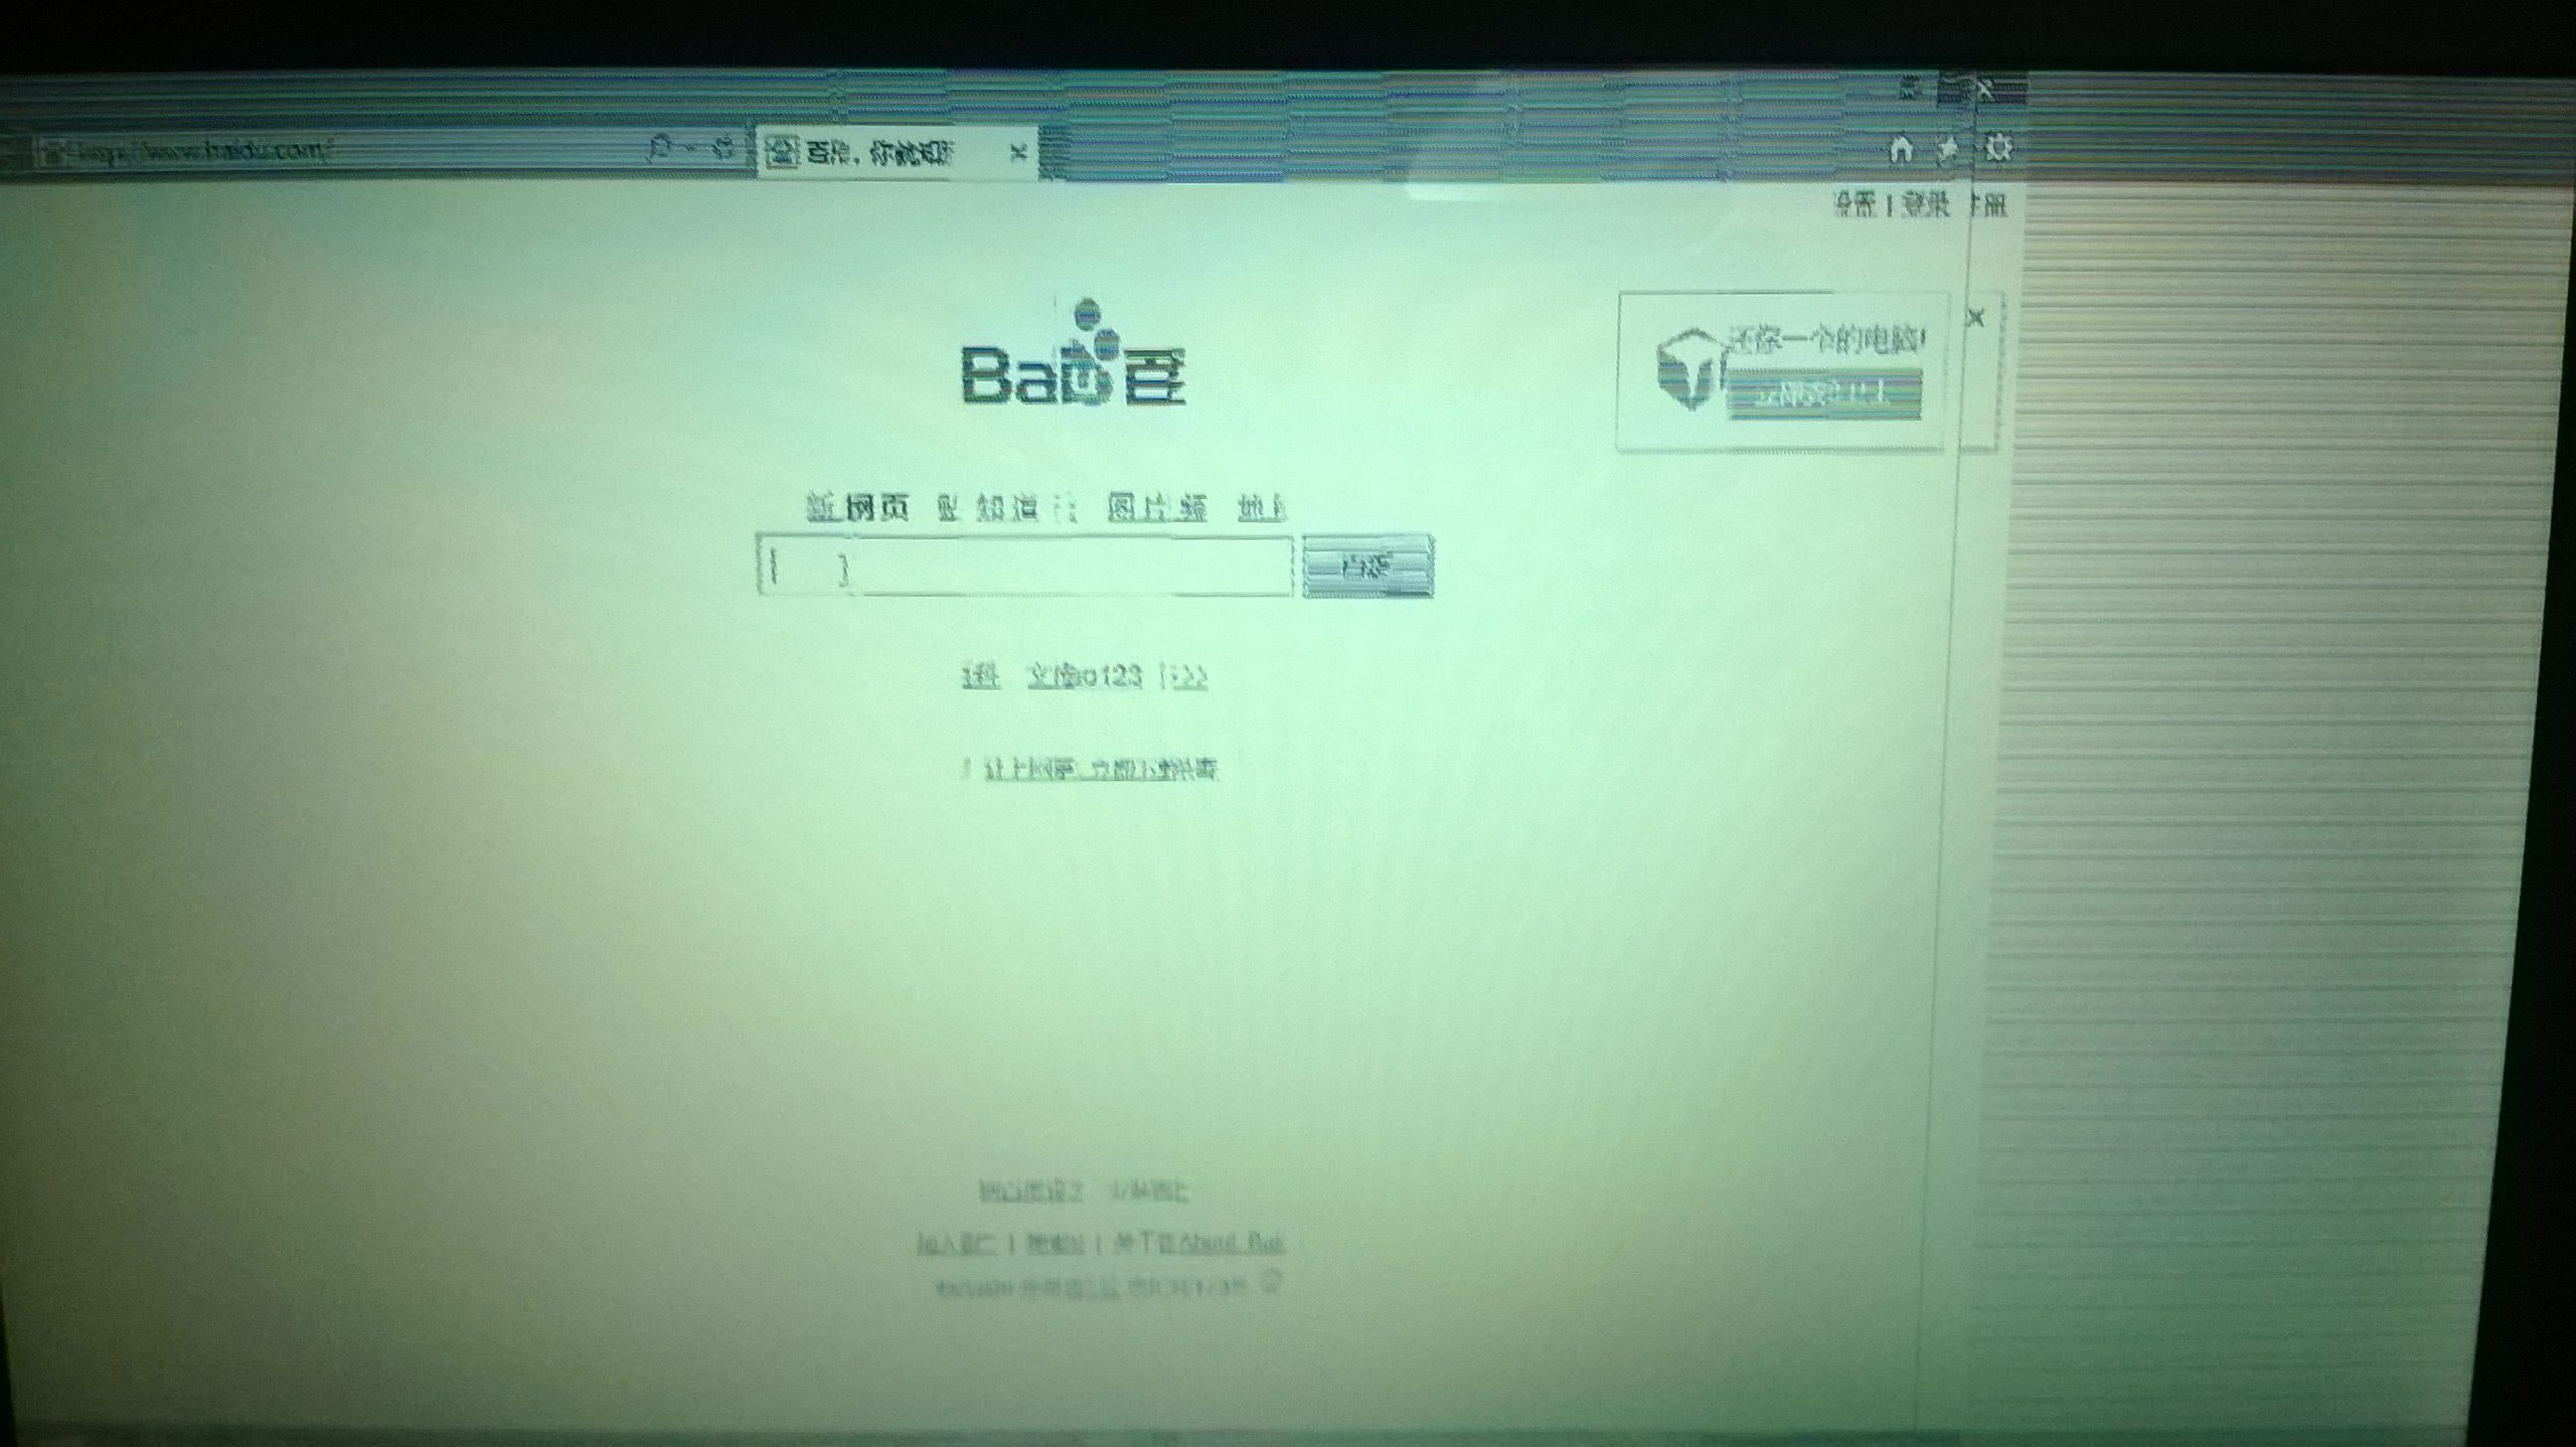 戴尔笔记本重装系统后,屏幕开机后偶尔花屏,怎